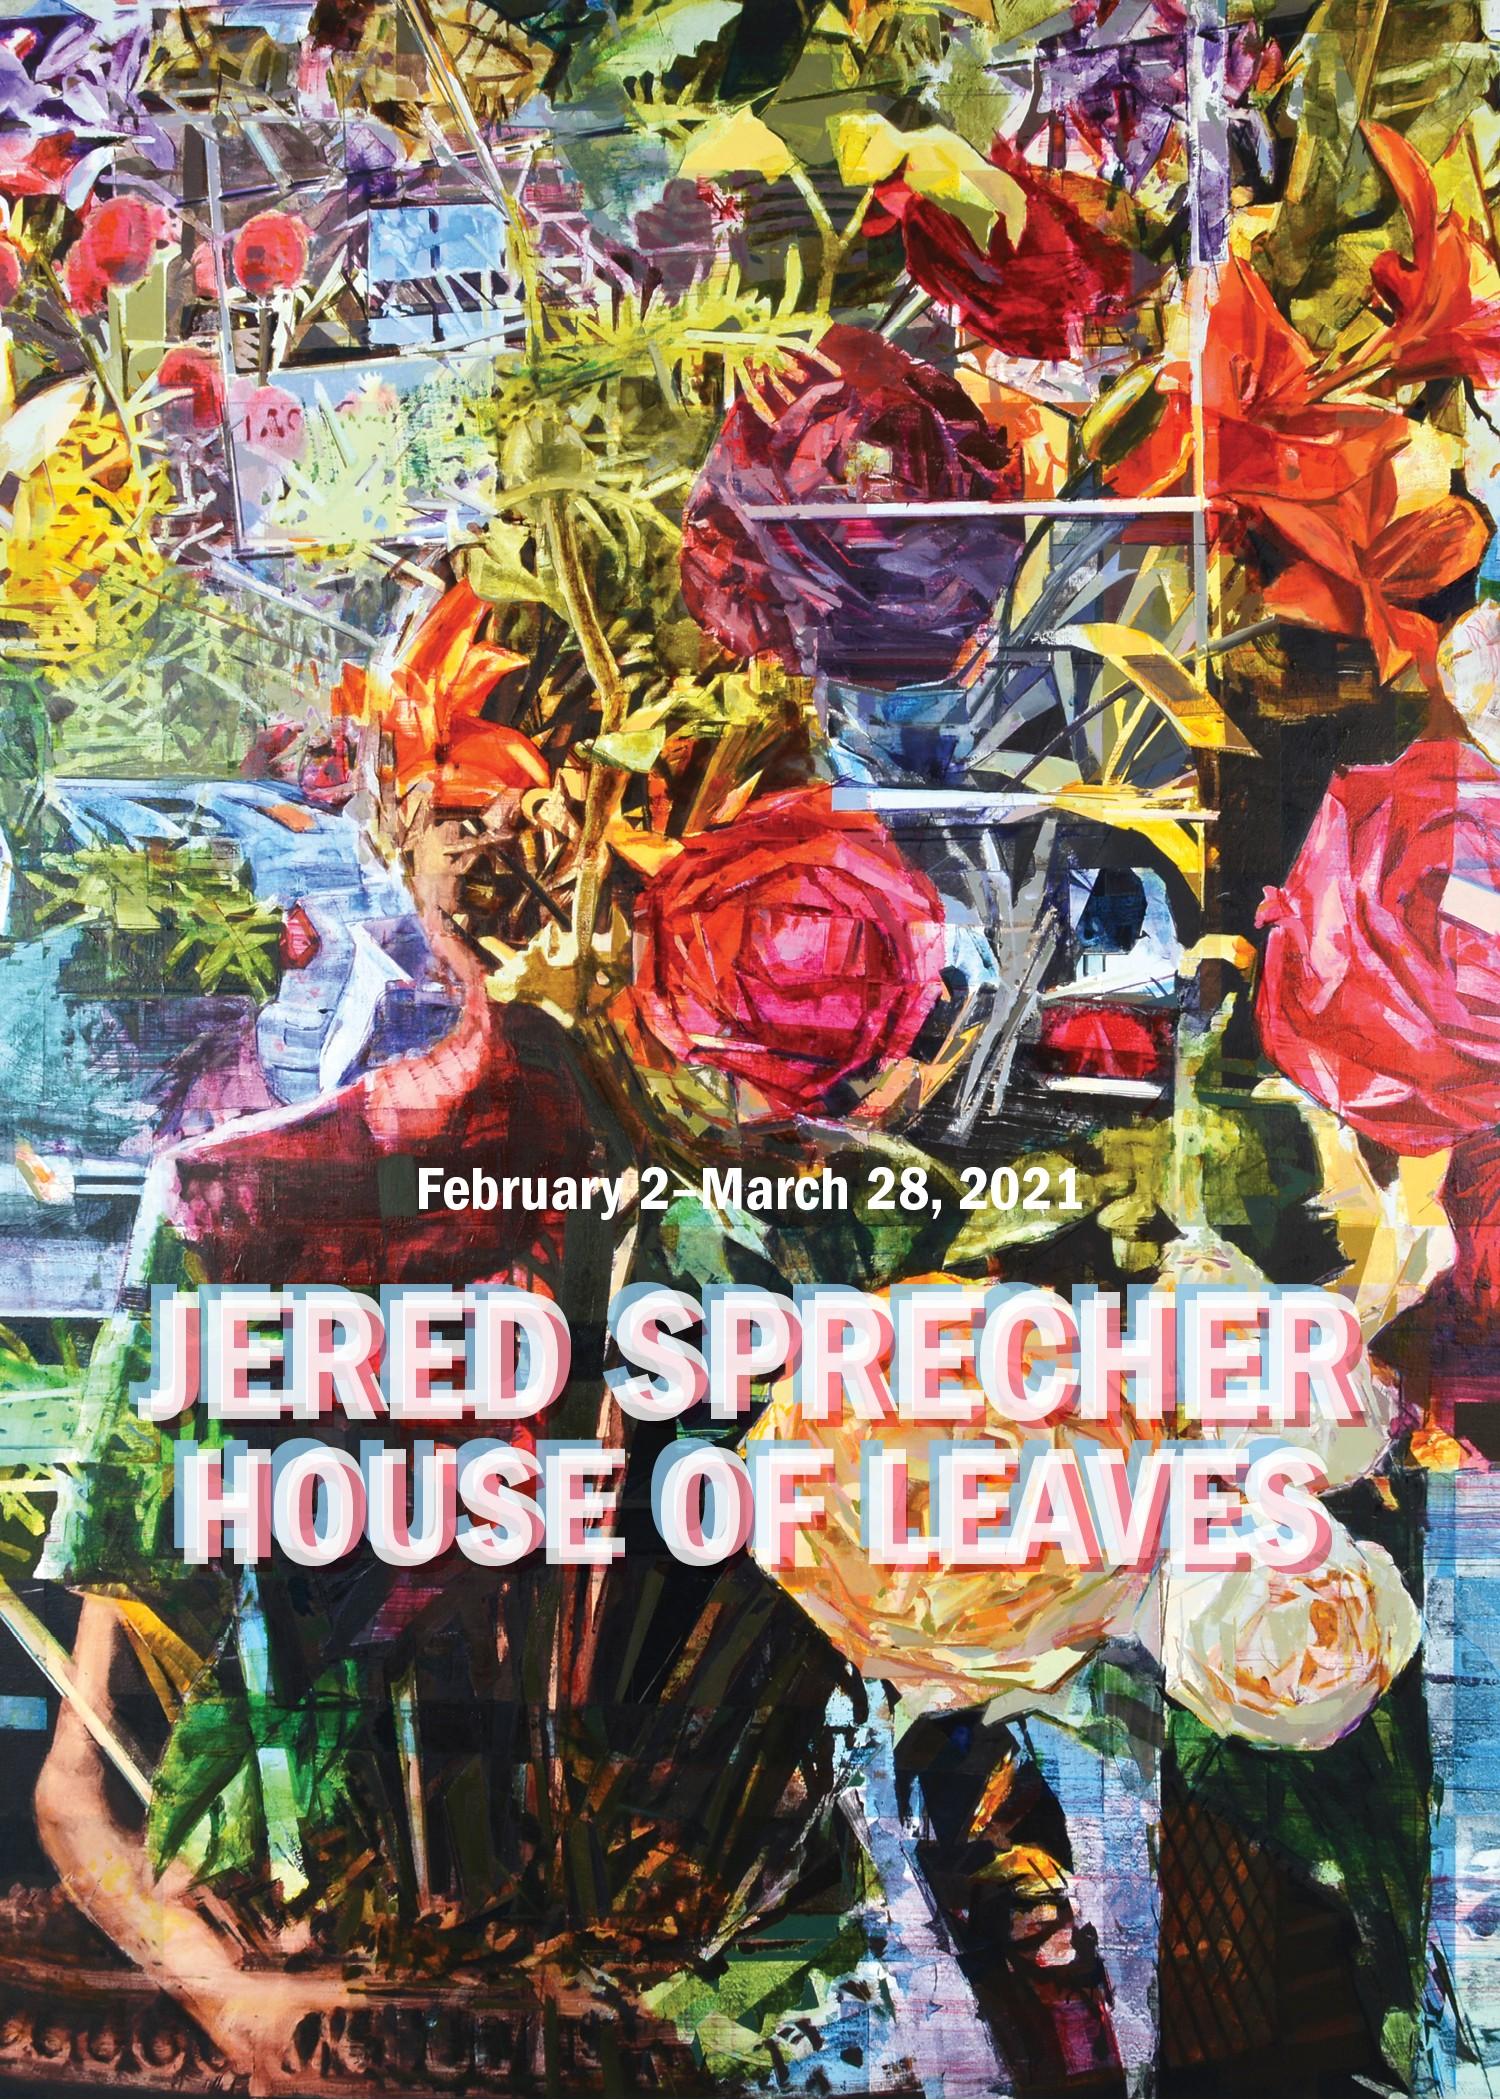 Sprecher House of Leaves